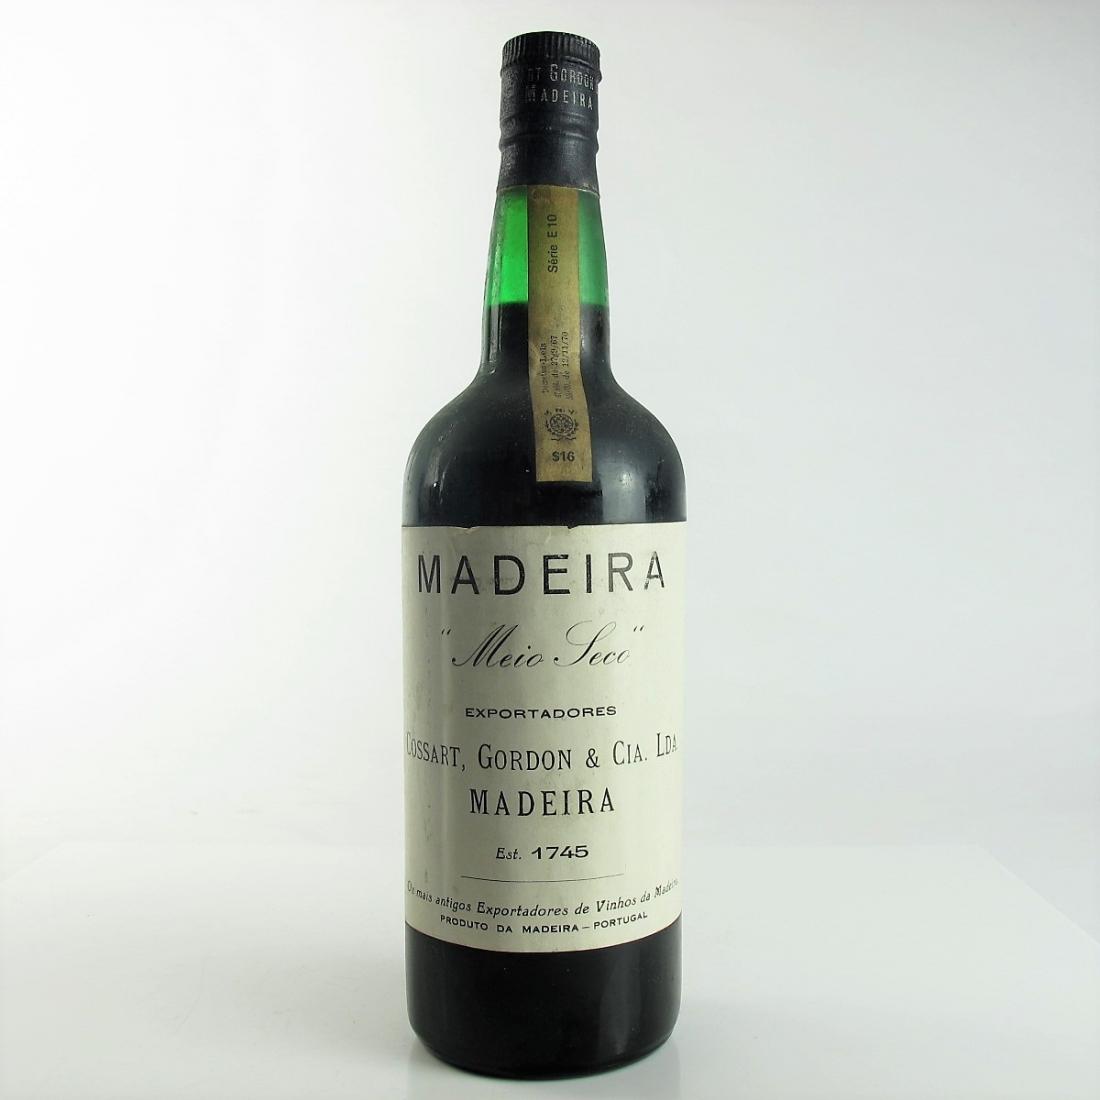 Cossart, Gordon & Cia Meio-Seco Madeira